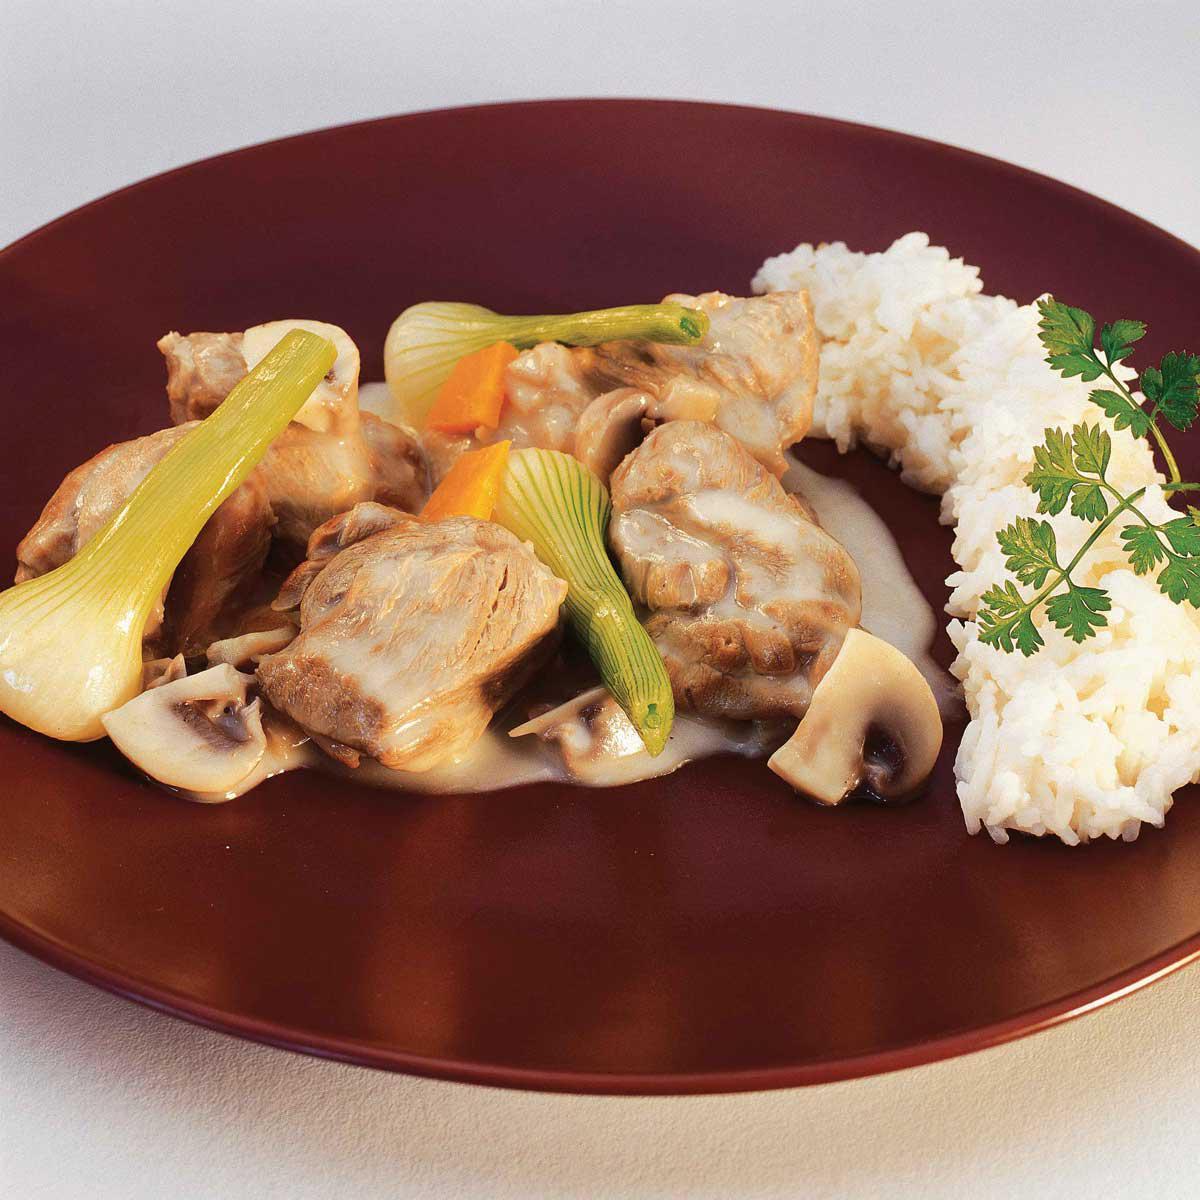 Les m res lyonnaises pionni res de la gastronomie - Cuisine belge recettes du terroir ...